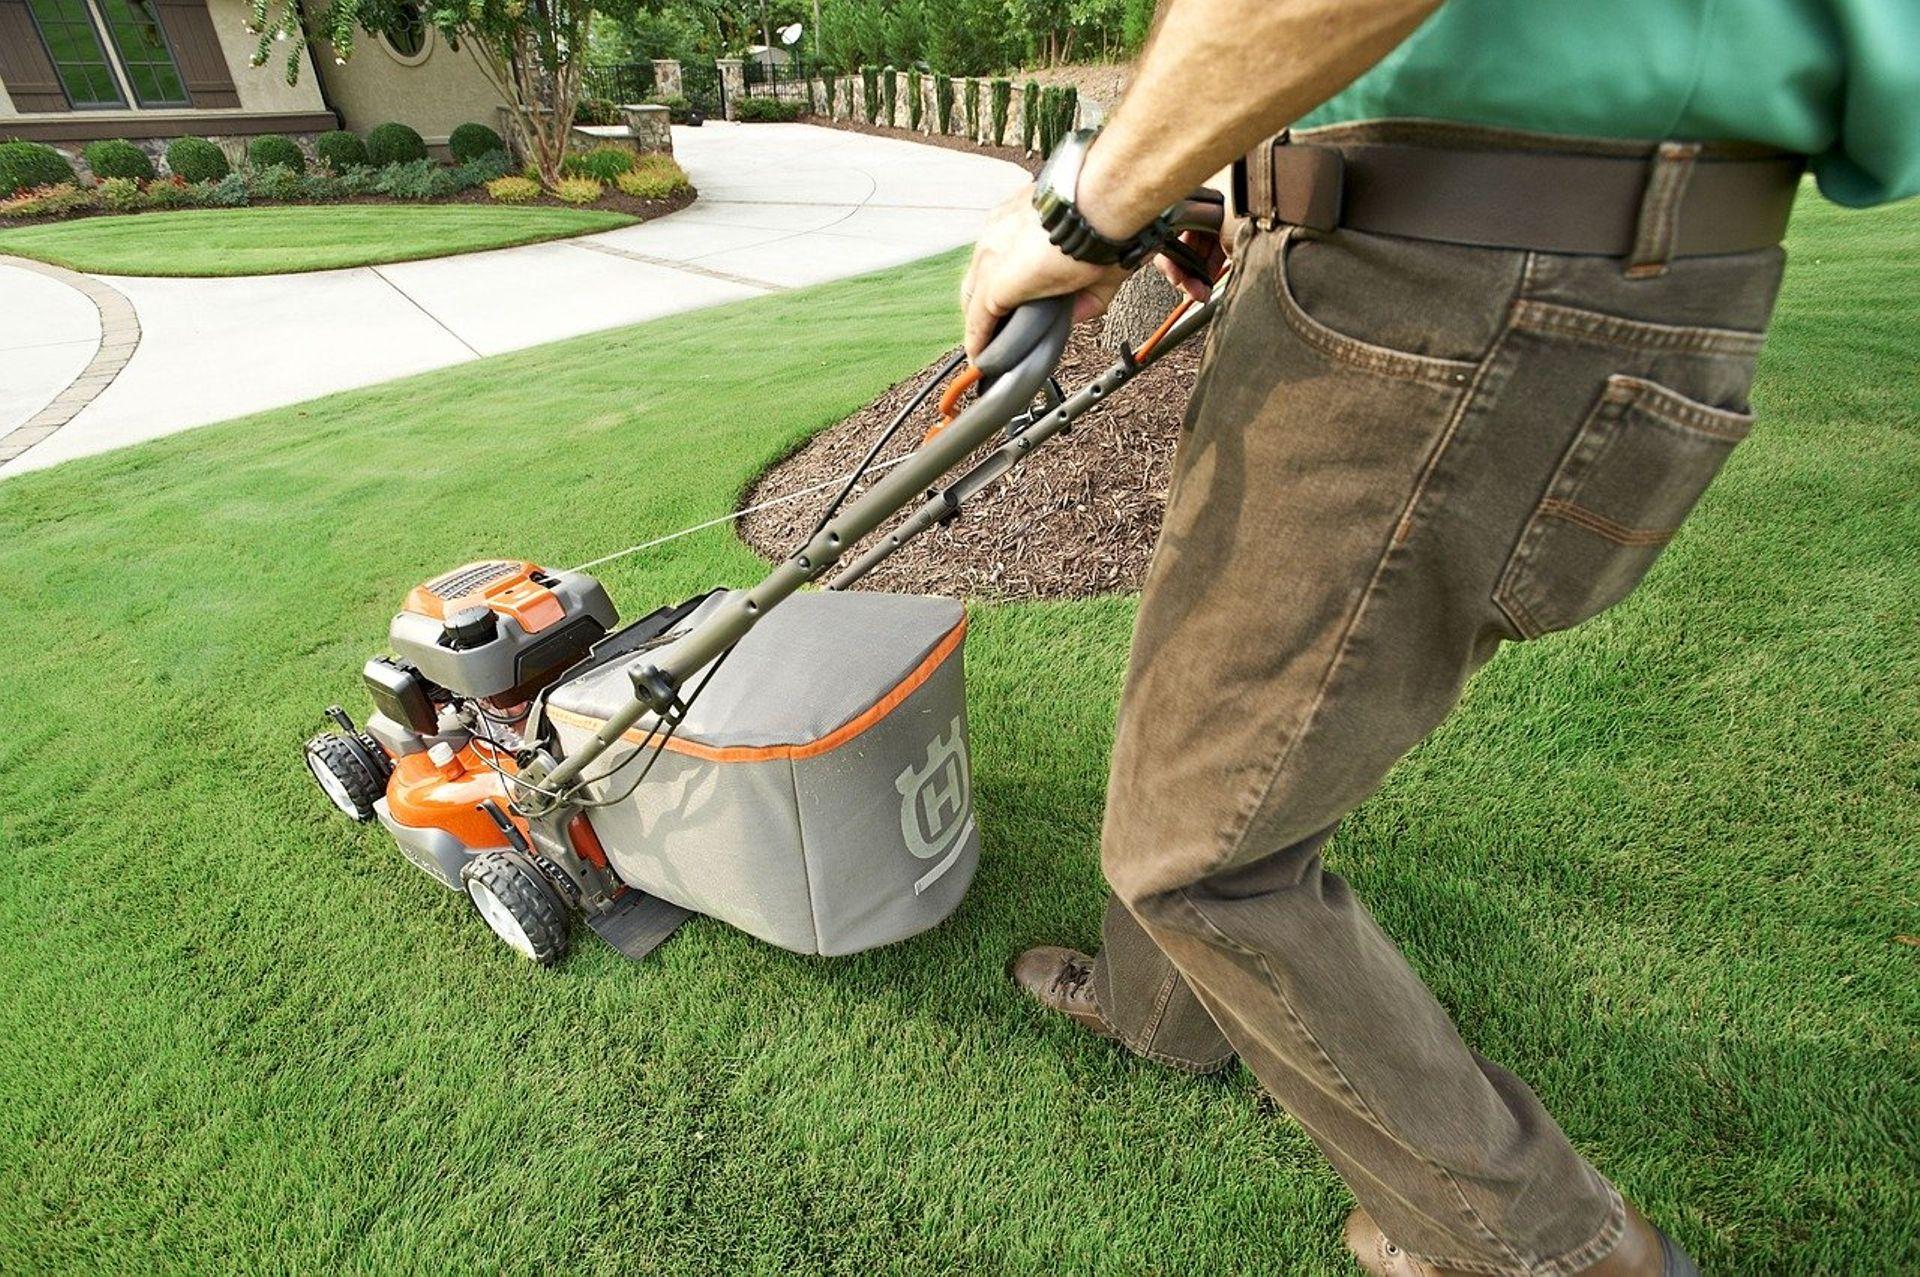 Kosiarka spalinowa to jedno z najważniejszych urządzeń w ogrodzie